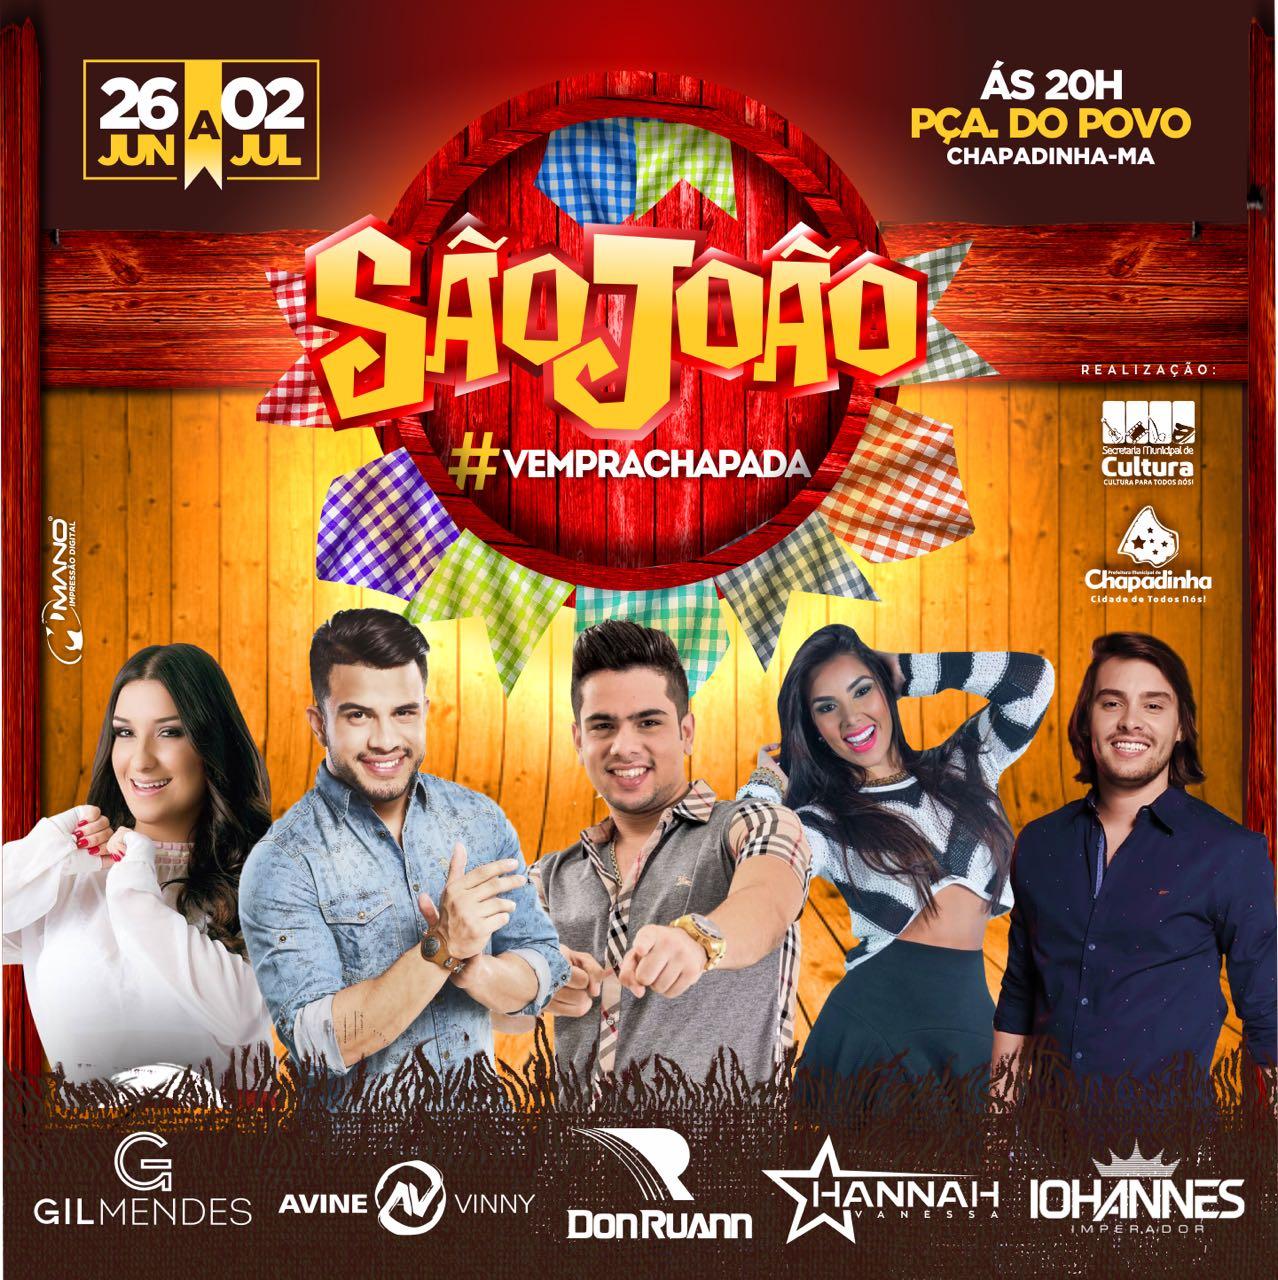 Avine Vinny, Iohanes e Gil Mendes no São João de Chapadinha 2017